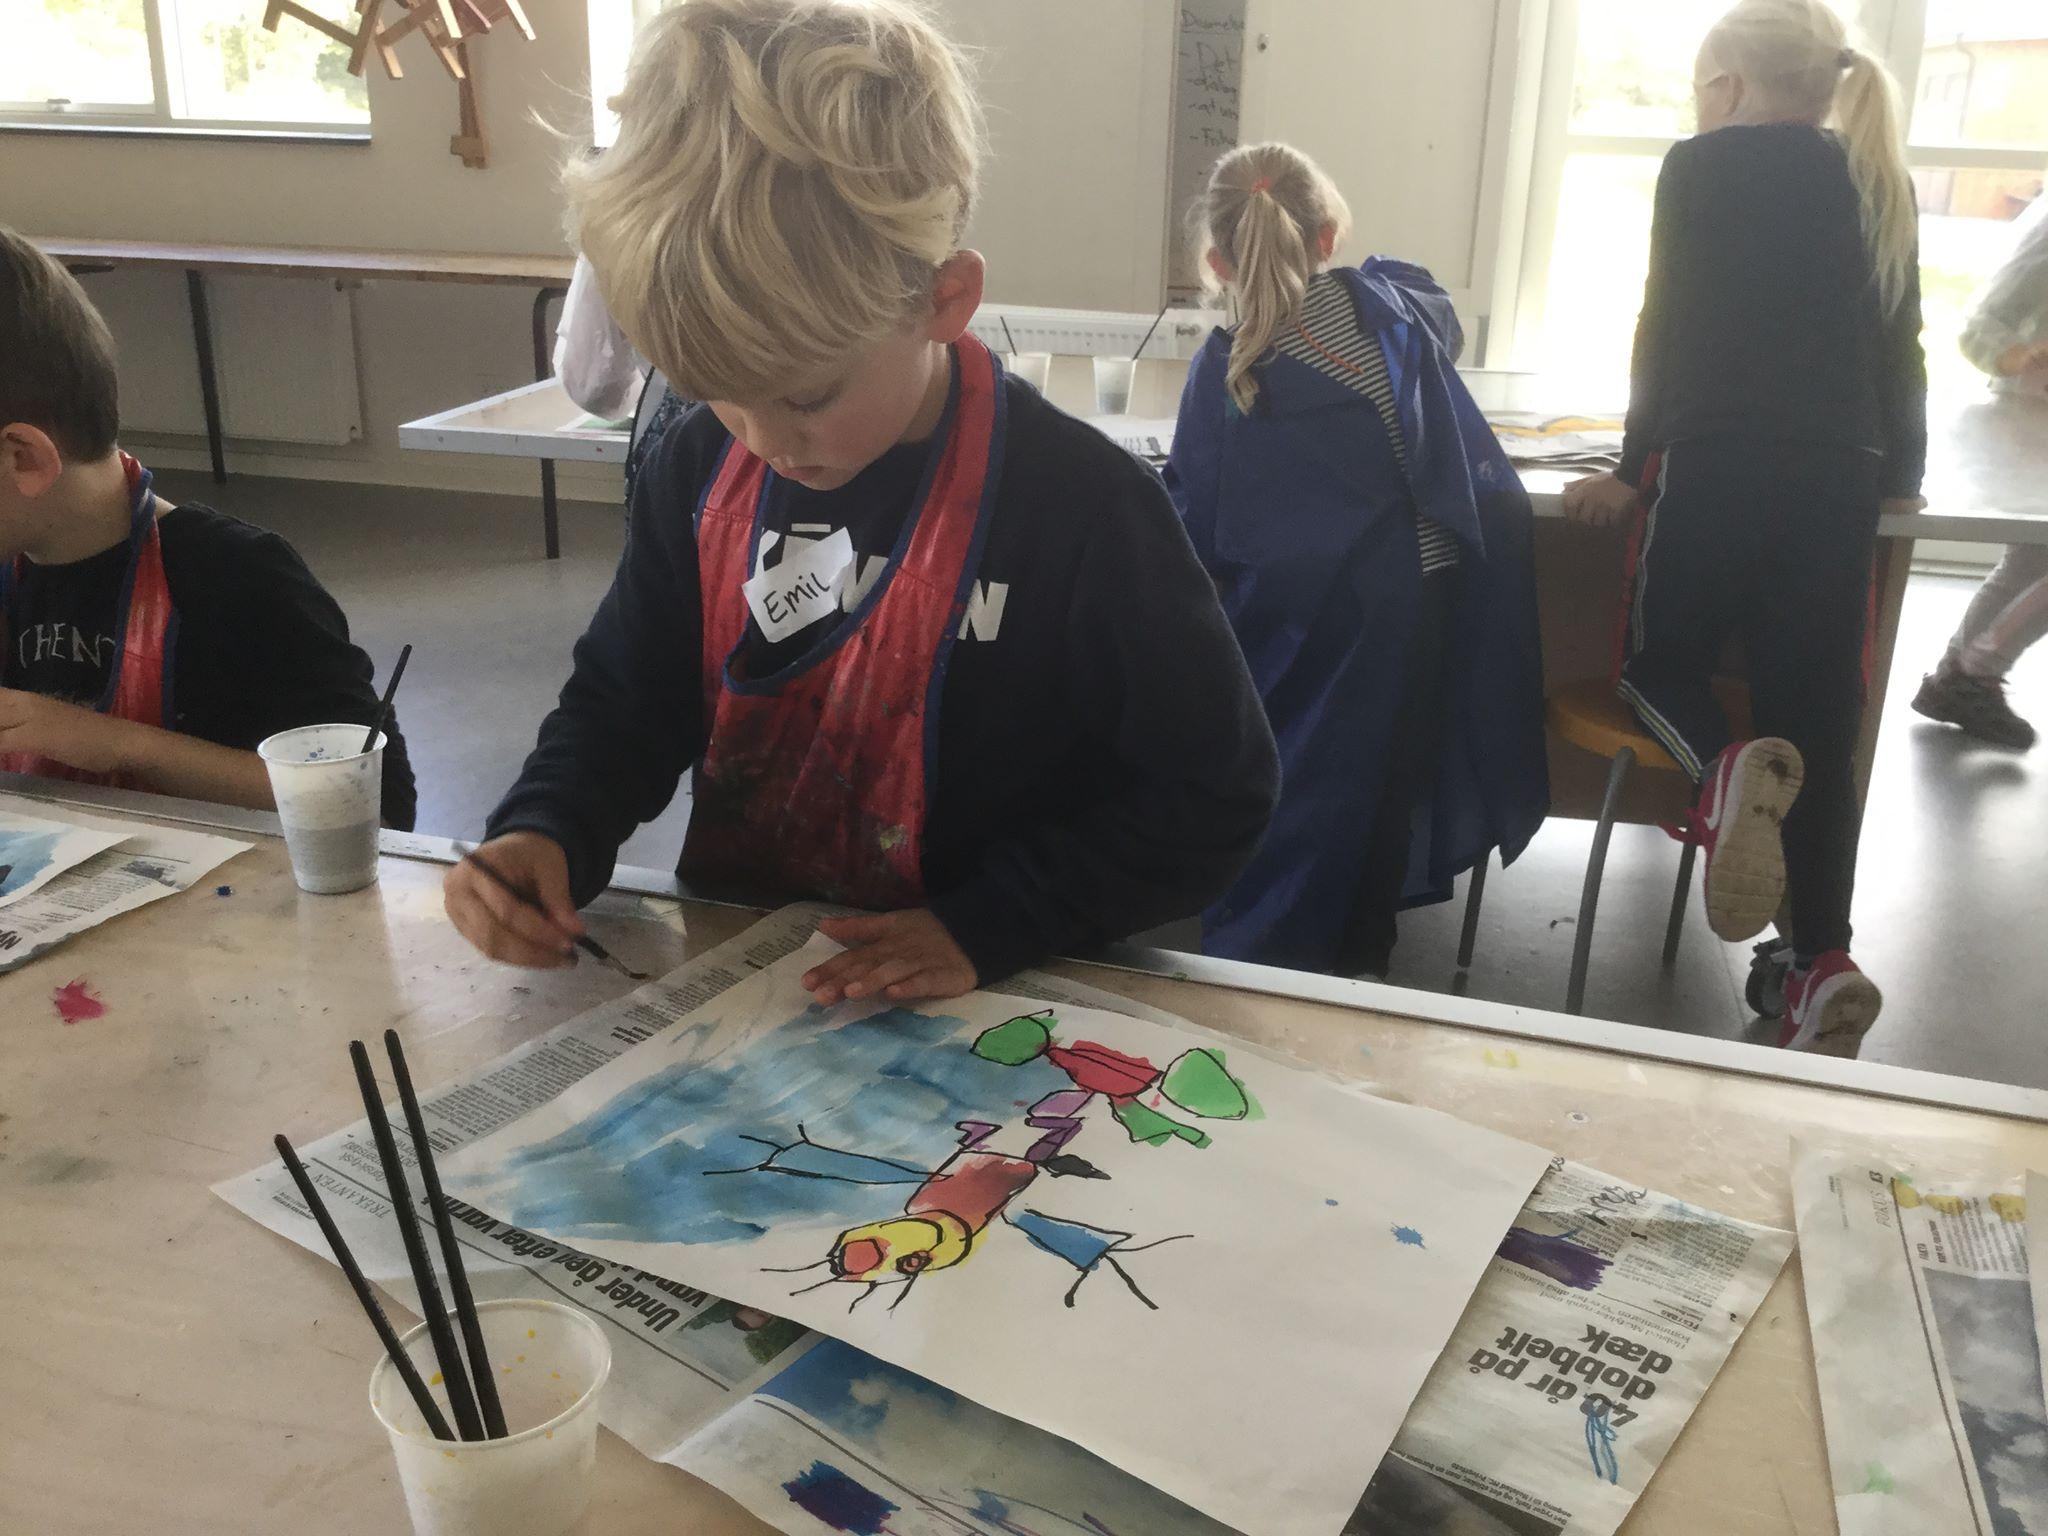 Midt i Aalborg: FN-begivenhed fejres med kæmpe lysshow